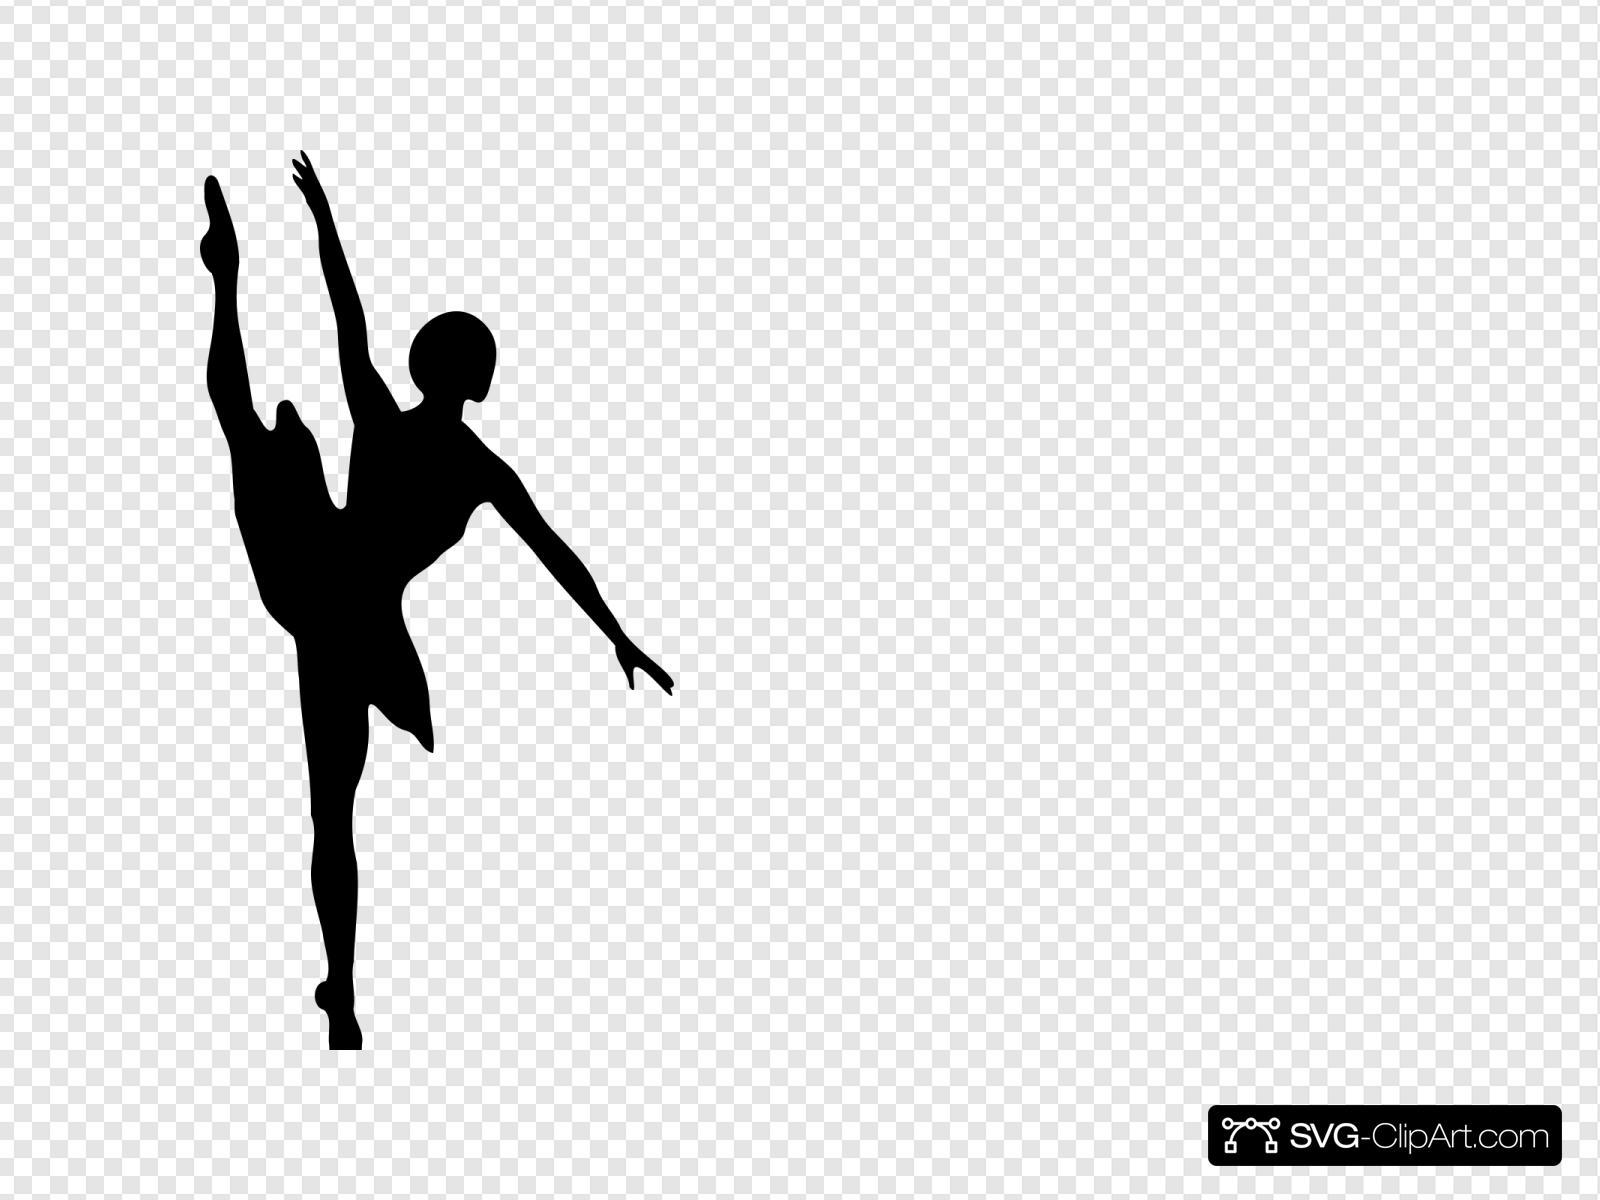 Black Ballet Dancer Svg Vector Black Ballet Dancer Clip Art Svg Clipart